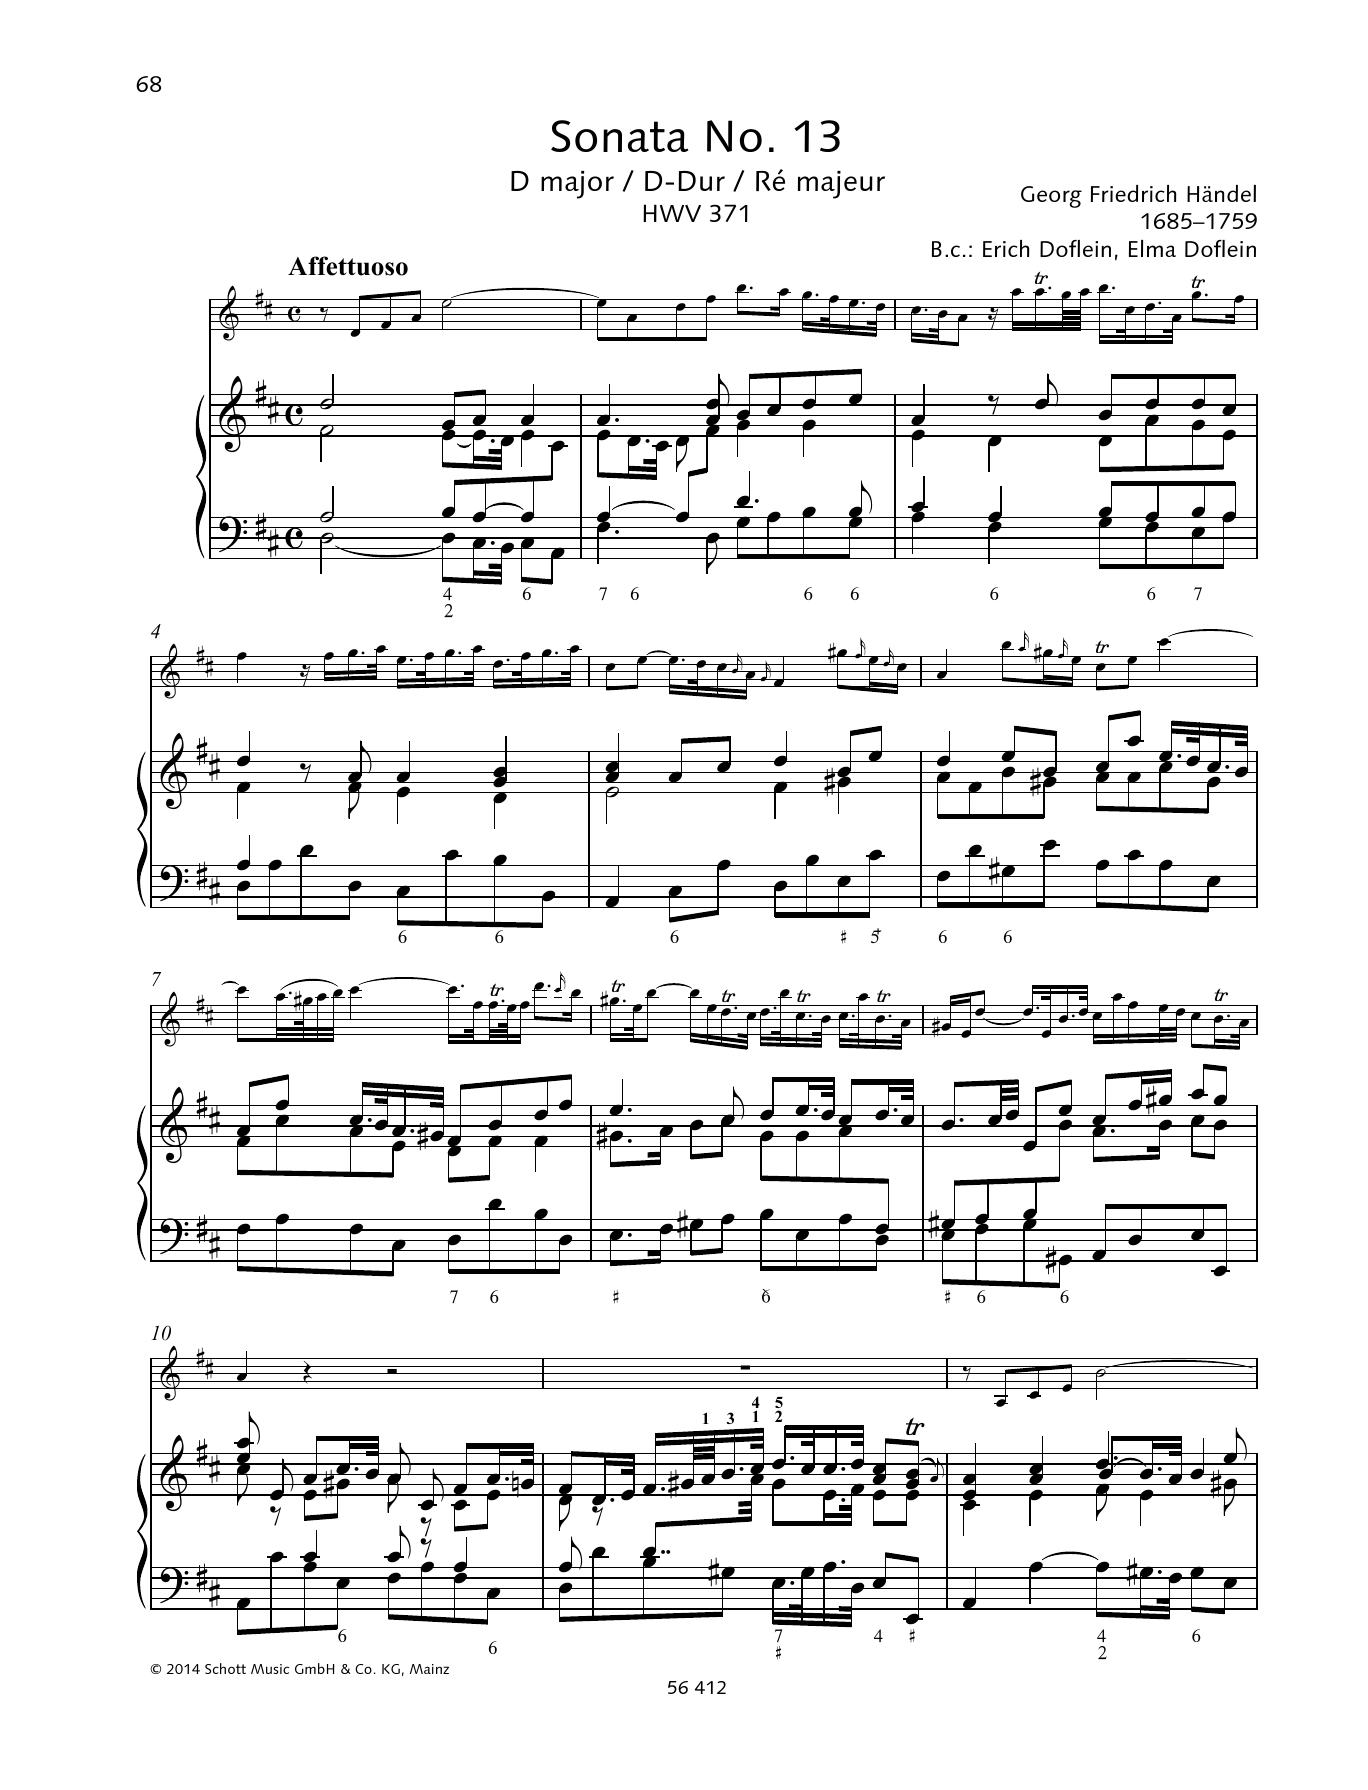 Sonata No. 13 D major Sheet Music